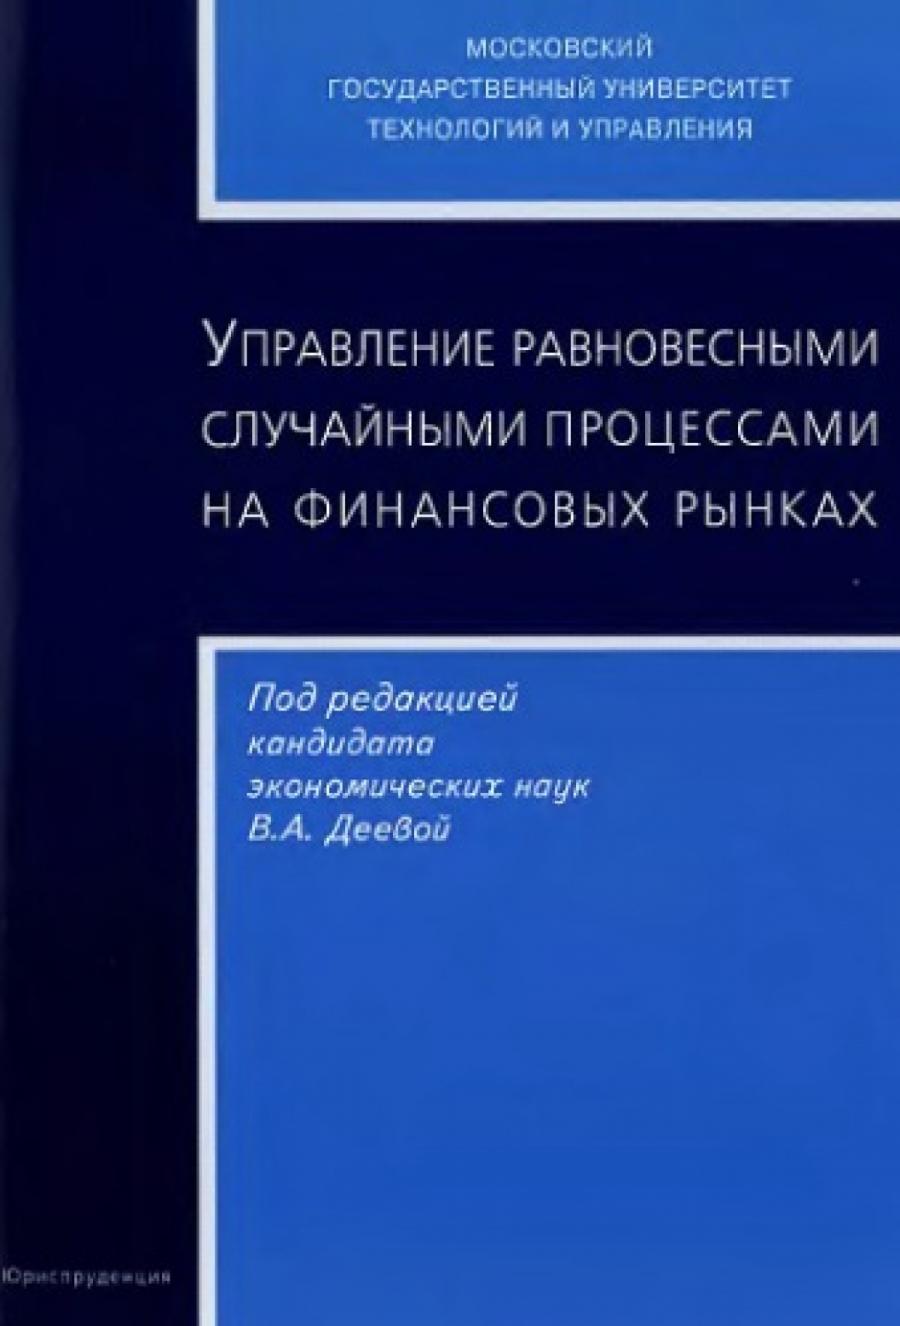 Обложка книги:  в.а. деева - управление равновесными случайными процессами на финансовых рынках